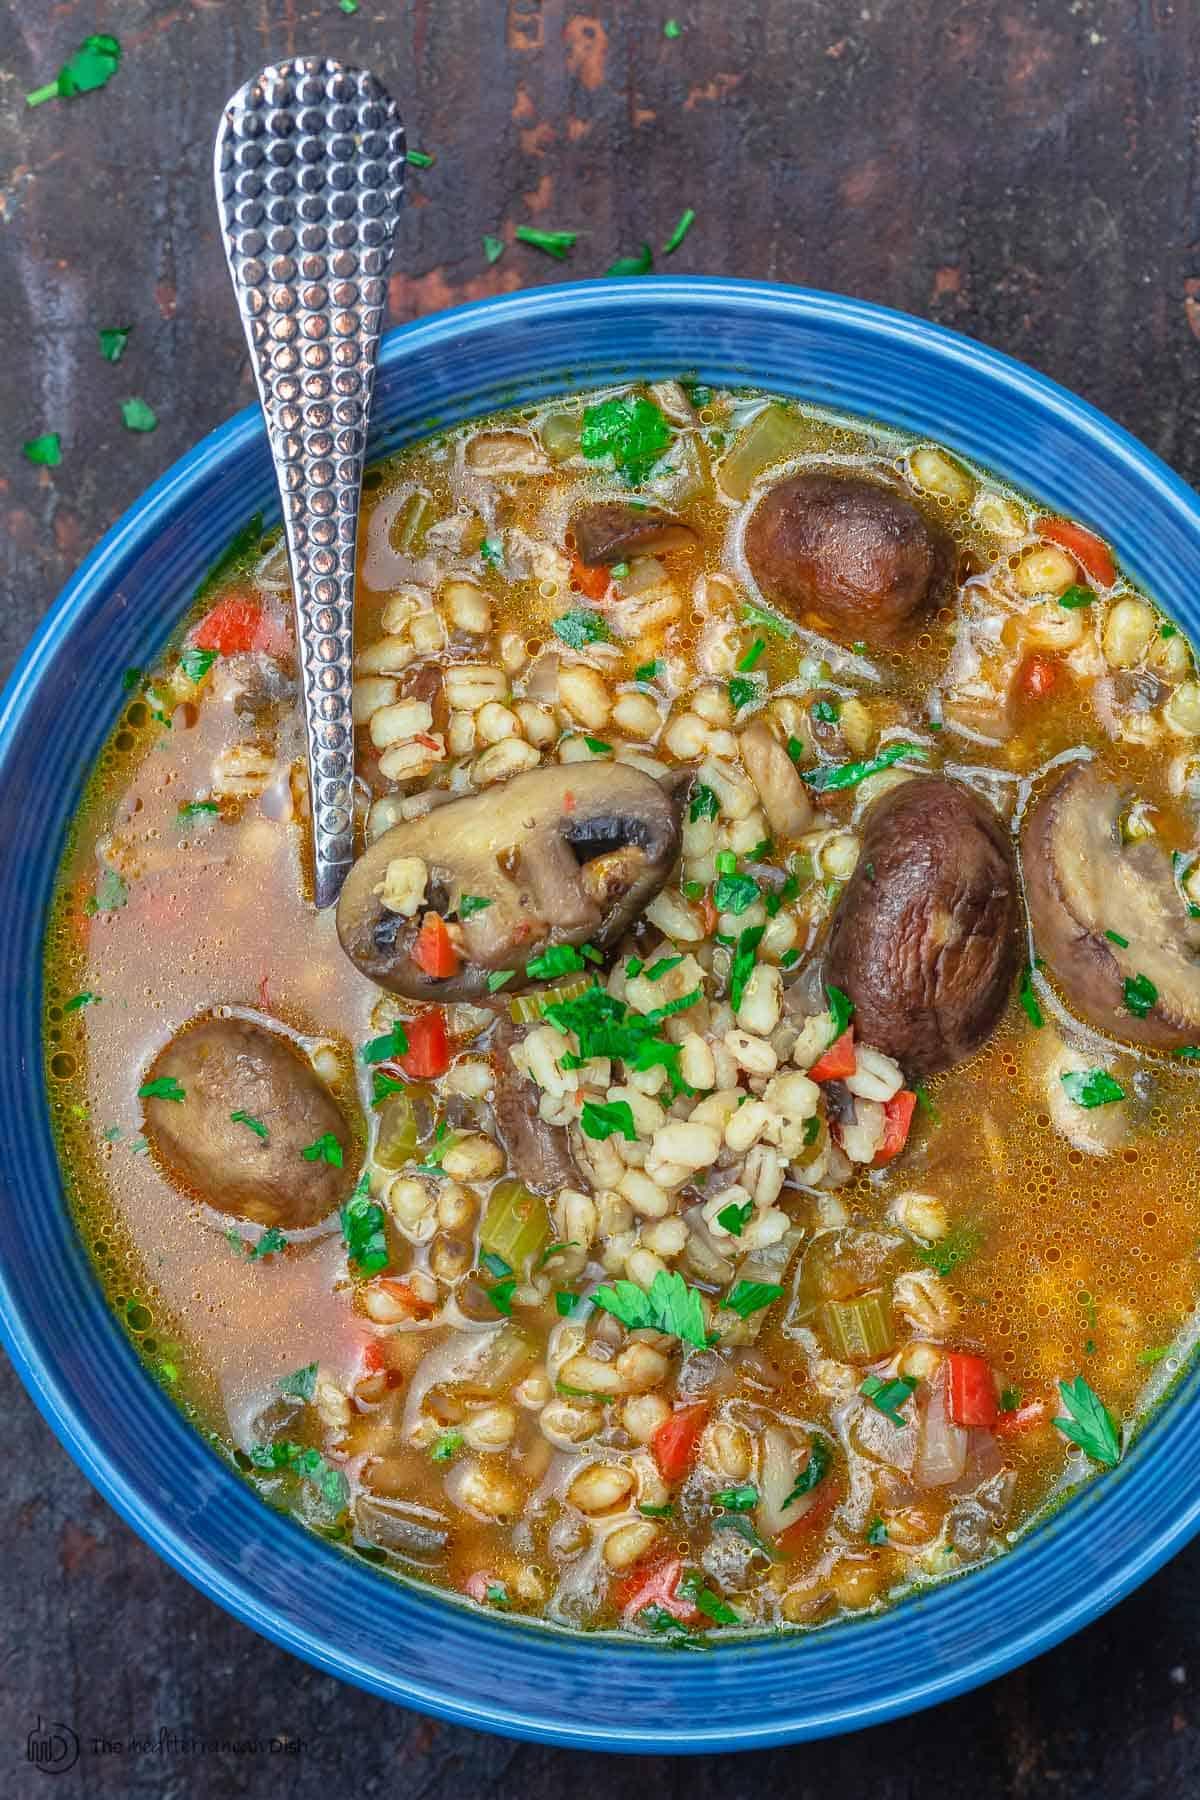 Mushroom barley soup served in a blue dinner bowl